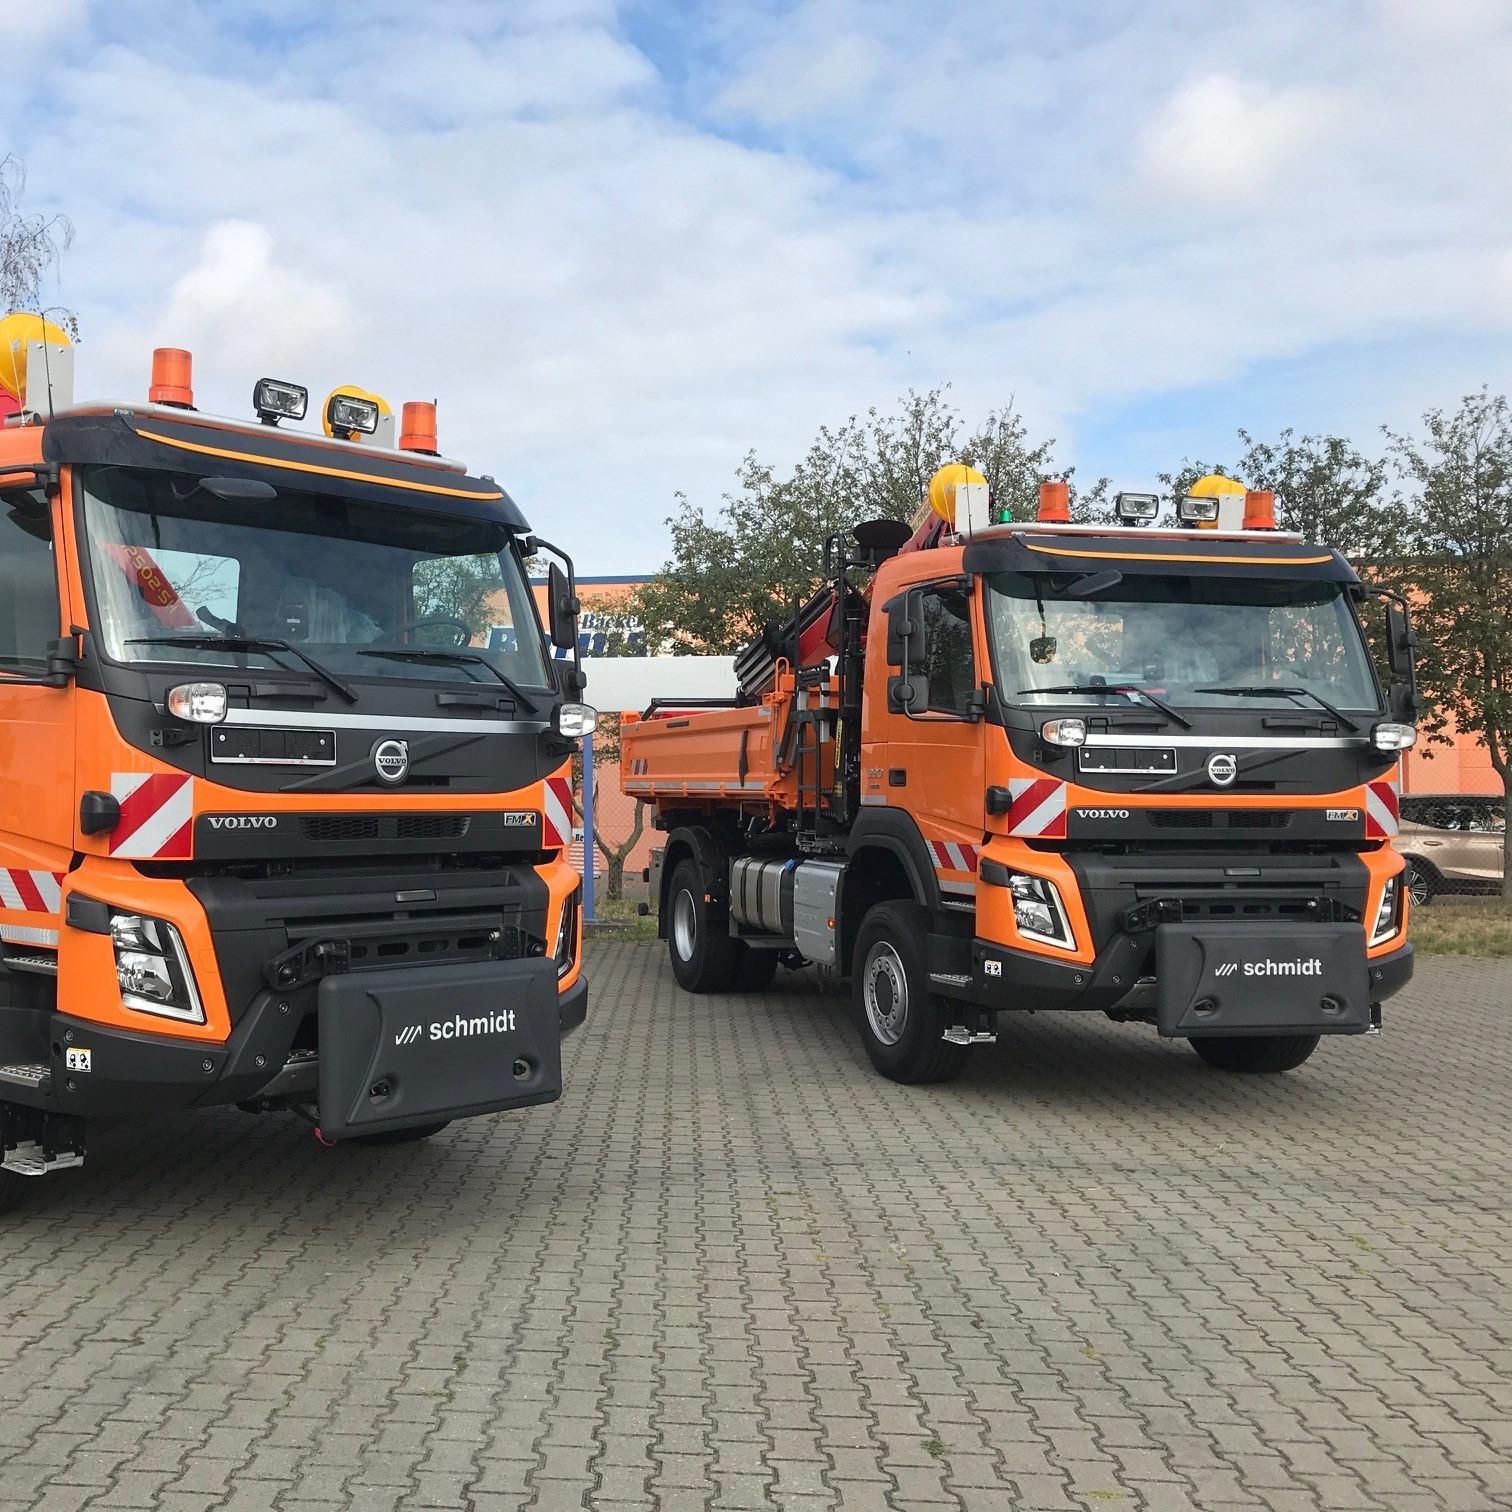 2x Volvo FMX mit Palfinger Kran und Meiller Dreiseitenkipper geliefert an die Landesstraßenbaubehörde